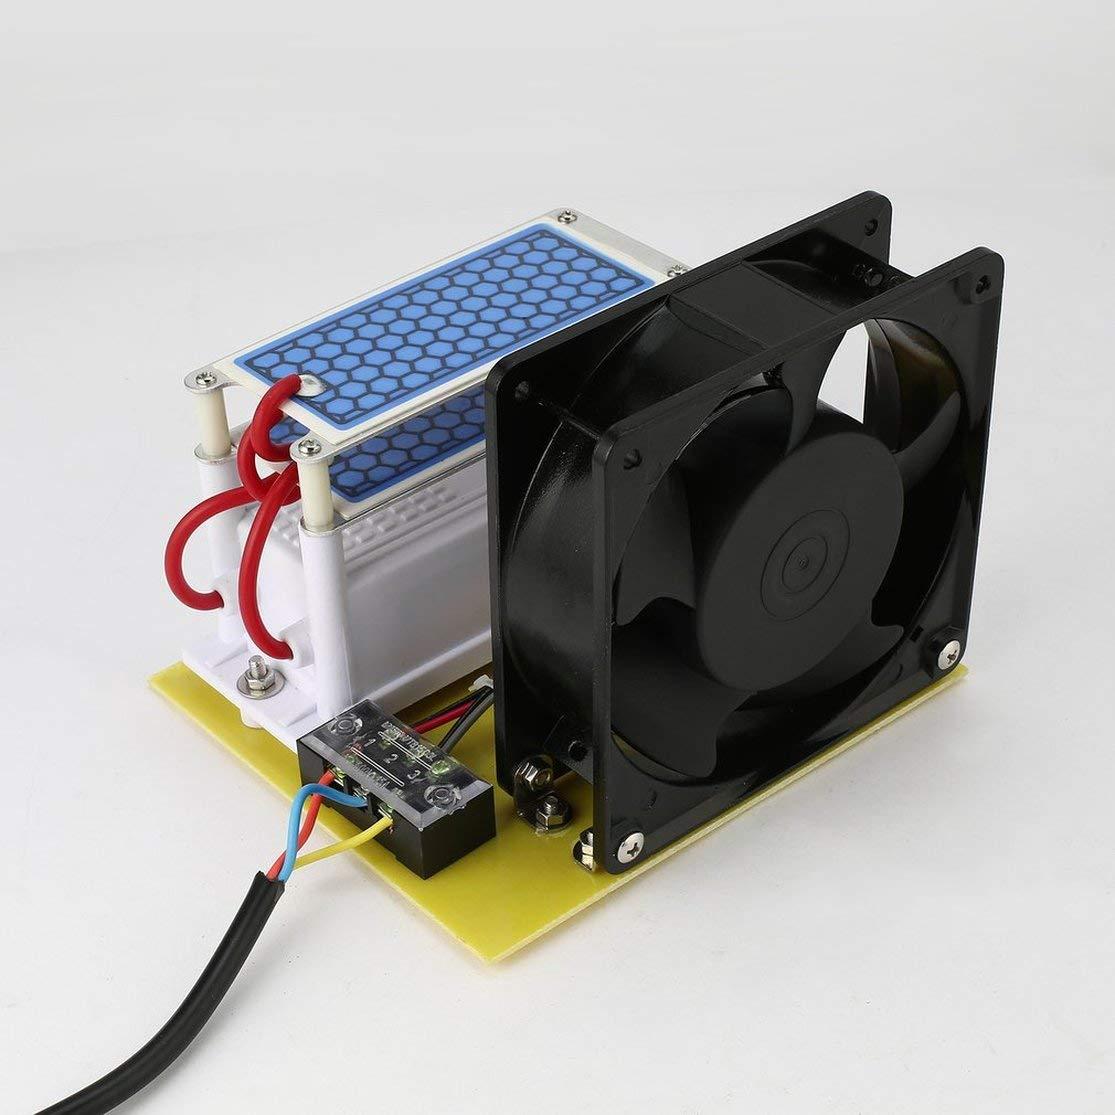 LouiseEvel215 10 g/h Generador de ozono Doble Placa de cerámica Esterilizador Integrado Purificador de ozonizador de Aire Dispositivo de eliminación de olores DIY Plug & Play: Amazon.es: Hogar